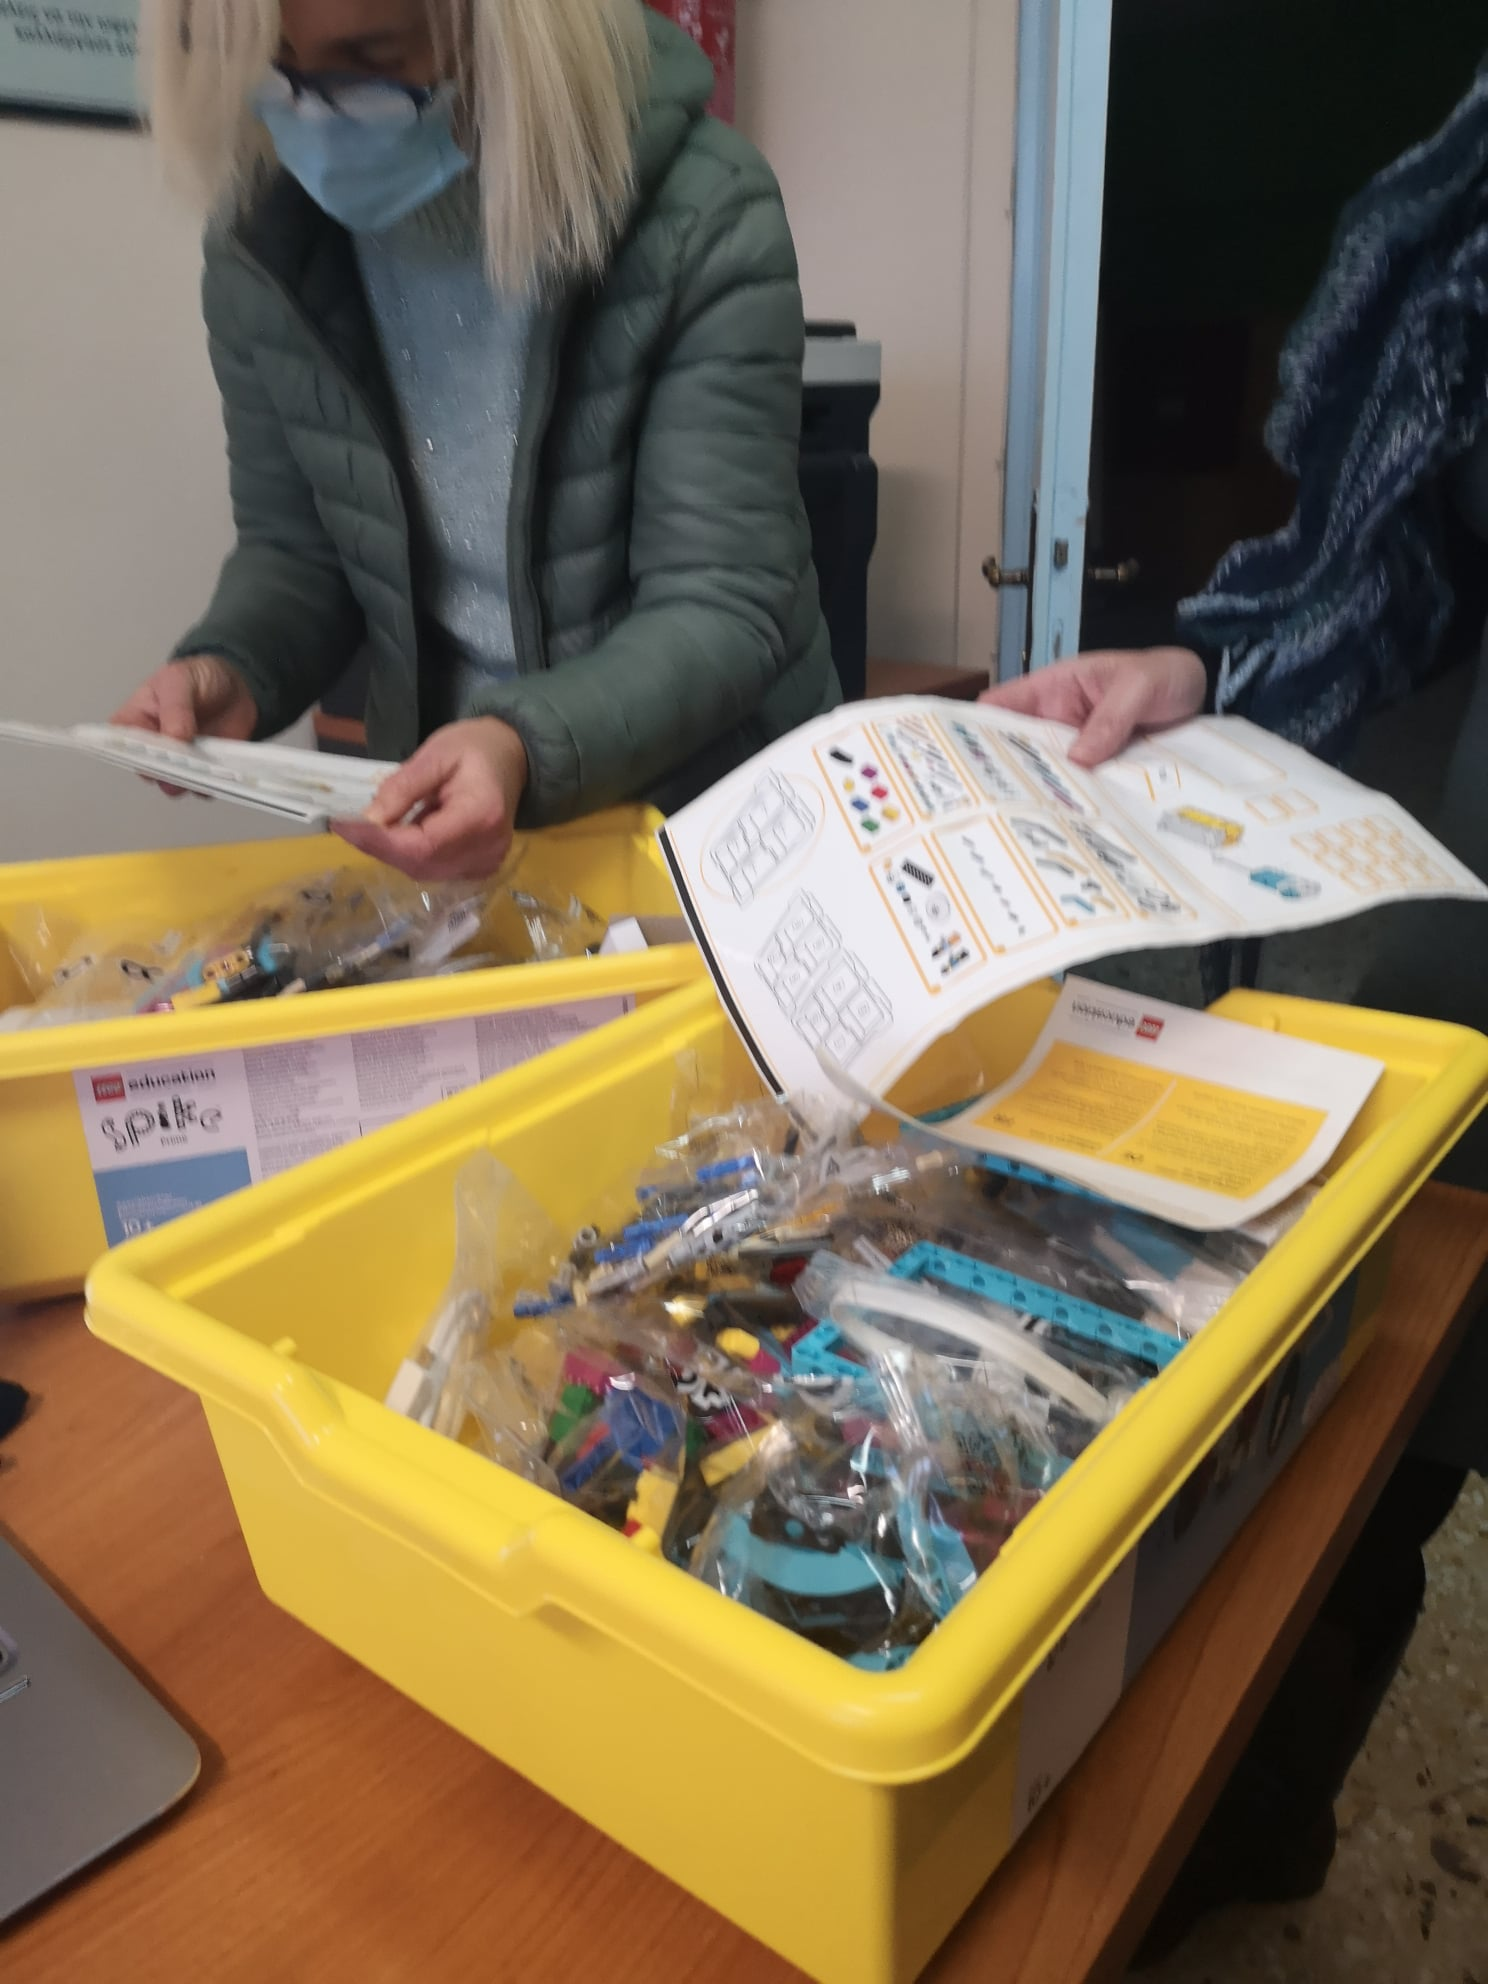 Δημοτικό Σχολείο Σκουροχωρίου: Πρόγραμμα Ρομποτικής και STEAM FLL – GAME CHANGERS (photos)